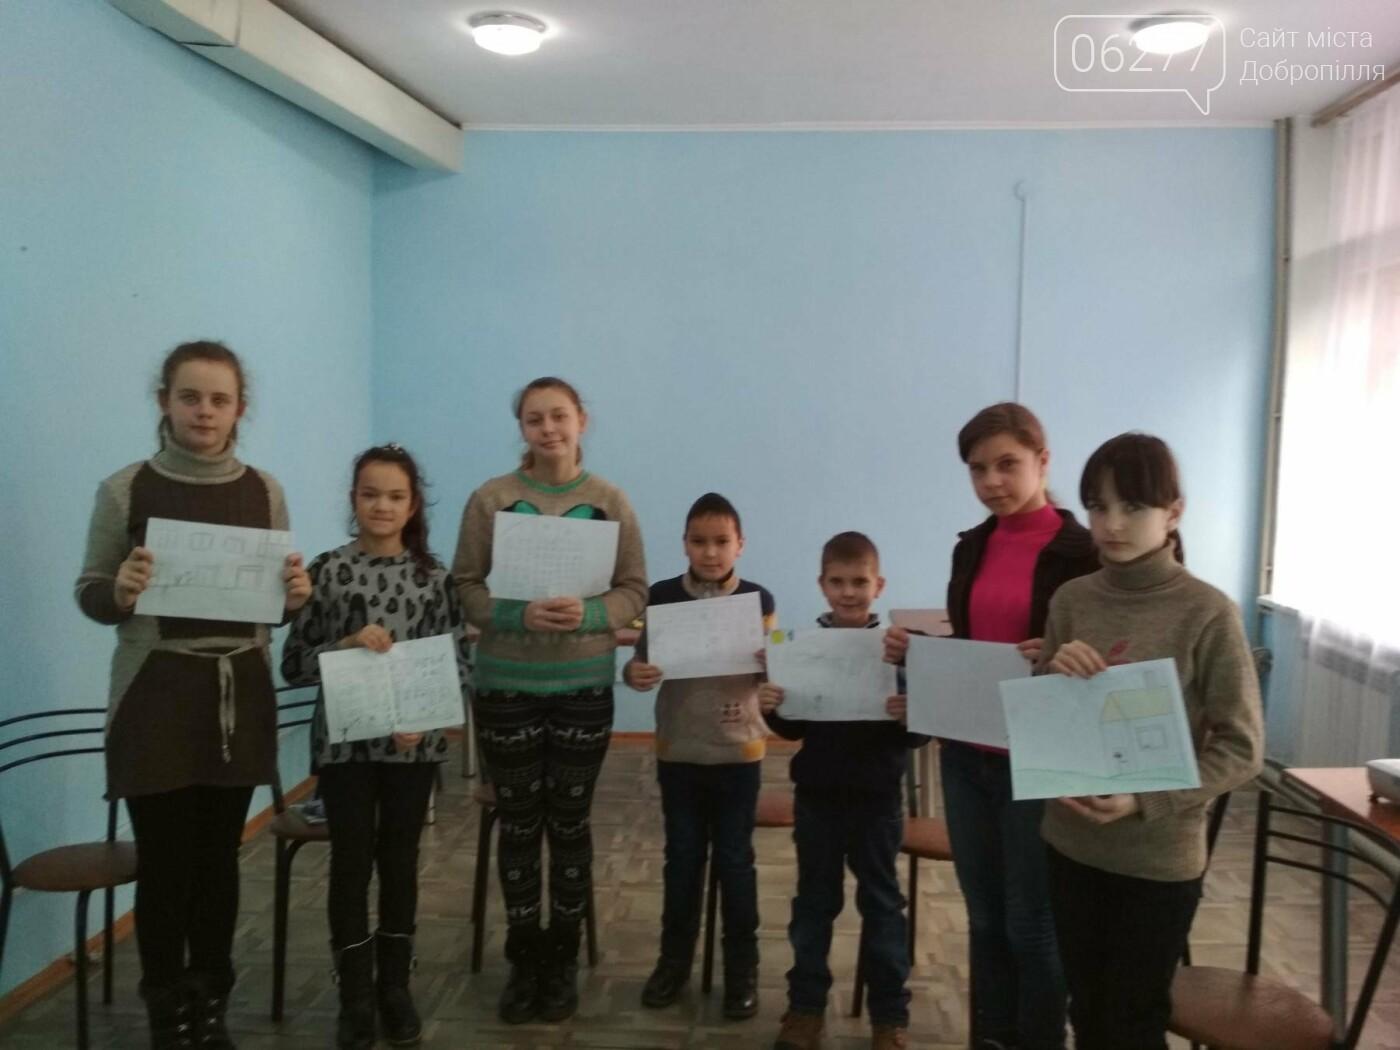 В Доброполье проходили обучающие тренинги «Я и незнакомец», фото-4